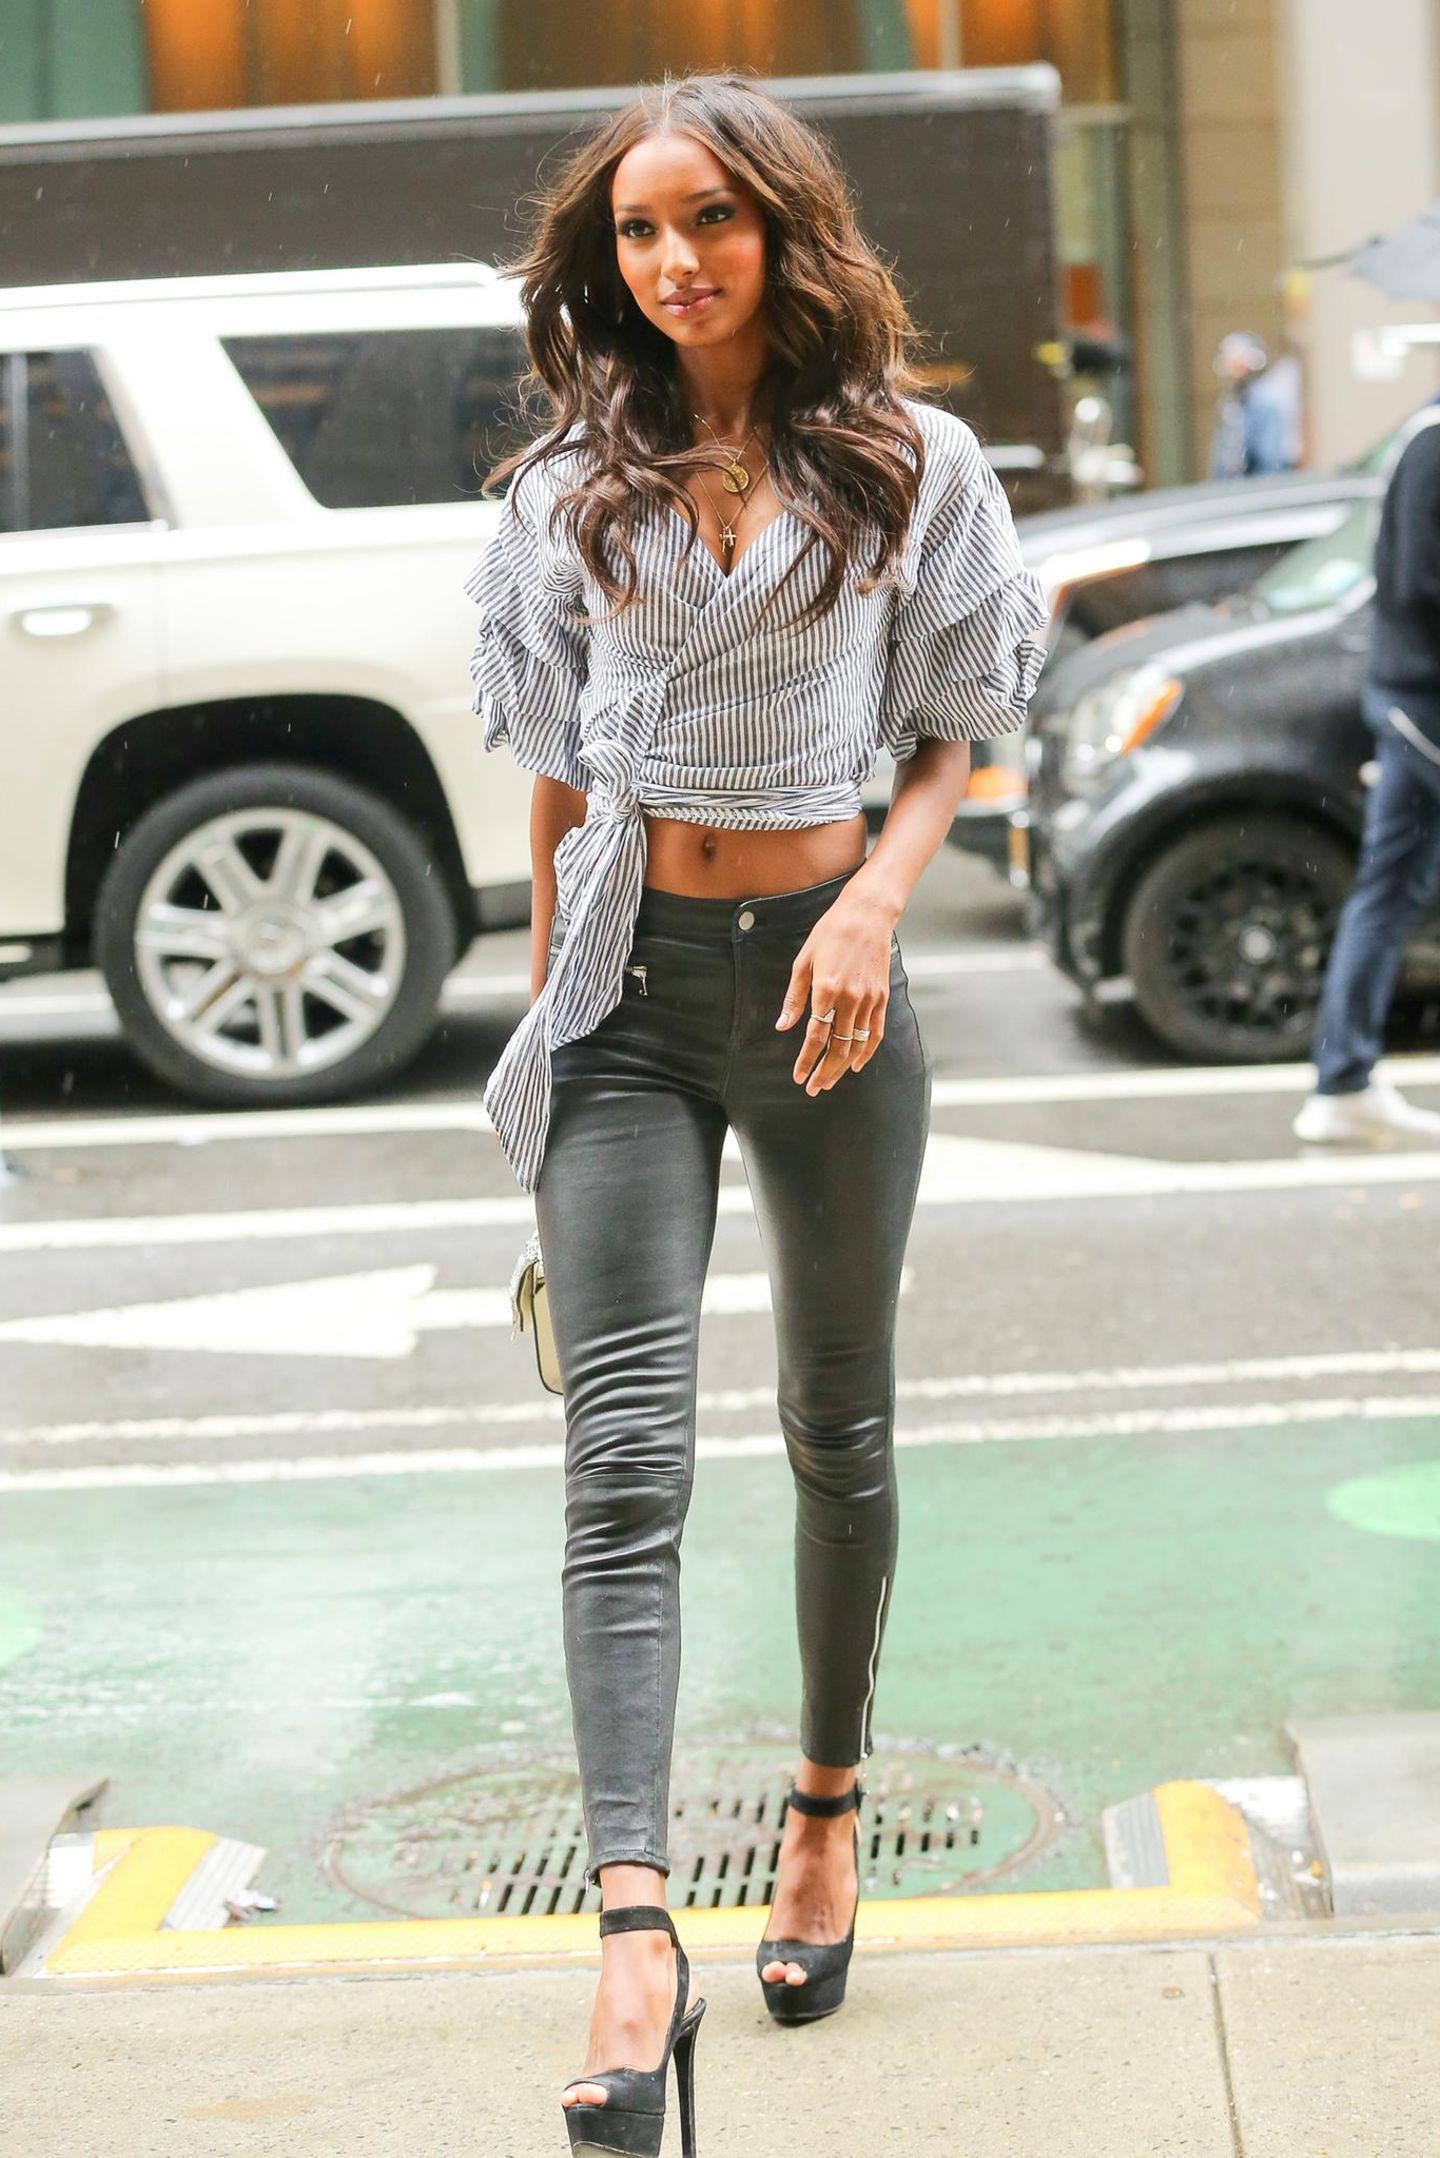 """Jasmine Tookes setzt mit einer skinny Jeans und Plateau-Heels ihre endlos langen Beine in Szene. Dazu kombiniert sie eine gestreifte Wickelbluse und trägt die Haare in """"Victoria's Secret""""-typischen Beachwaves."""